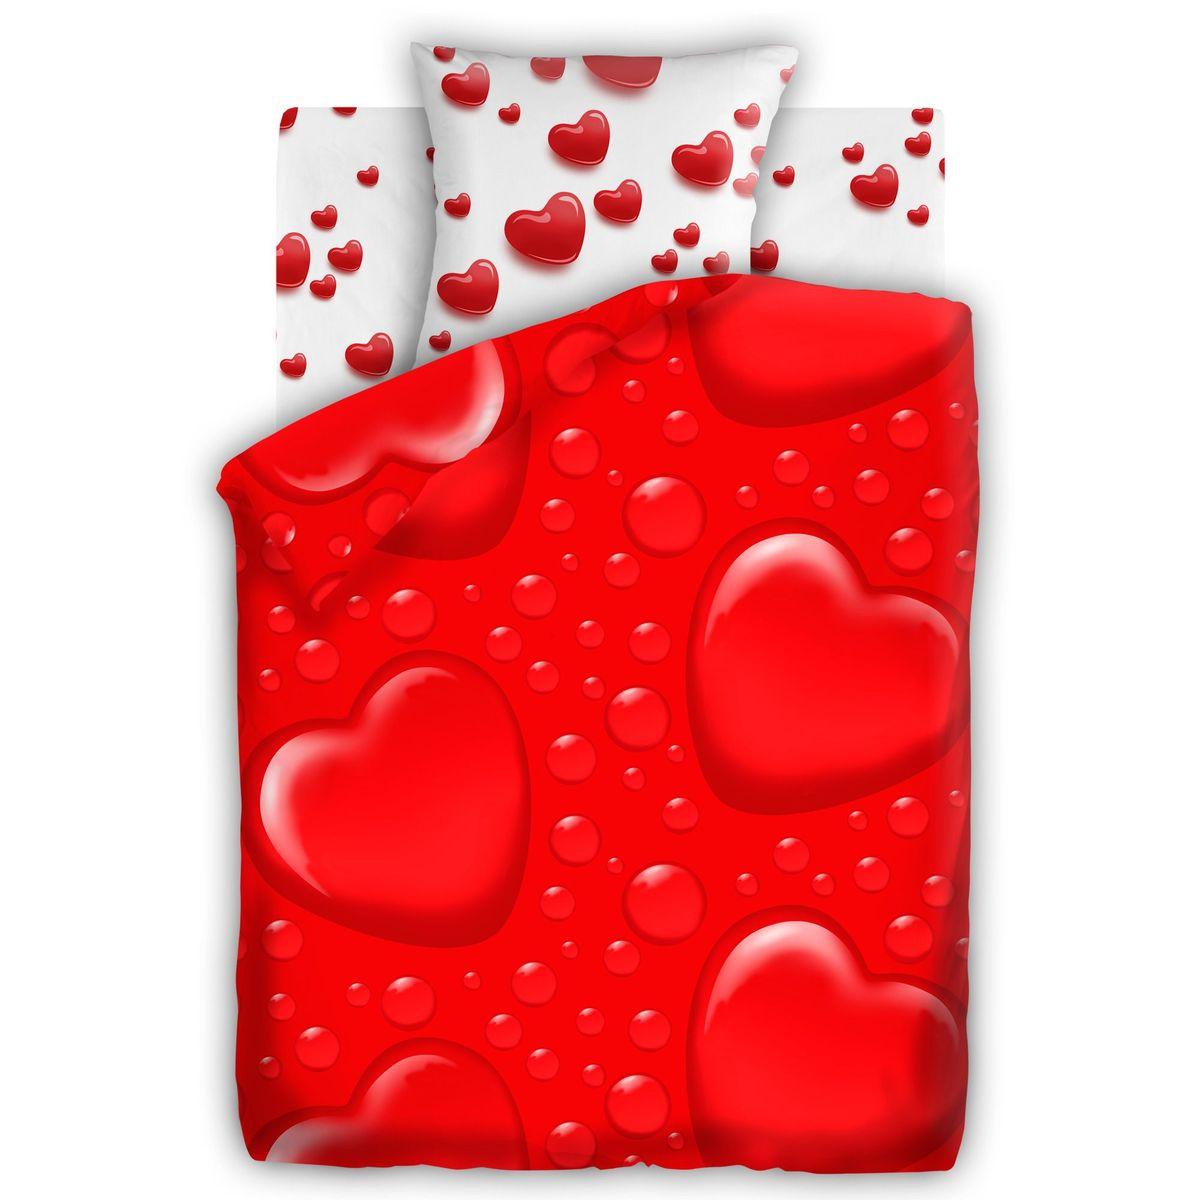 Комплект белья For YouСердца, 1,5 спальное, наволочки 70 х 70, цвет: красный. 284379CA-3505Постельное белье торговой марки «Любимый дом» - это идеальное сочетание доступной цены и высокого качества продукции. Серия «Любимый дом 3D» выполнена в технике объемного трехмерного изображения: объемные рисунки очень яркие, насыщенные и реалистичные. Коллекция выполнена из традиционной отечественной бязи с высоким показателем износостойкости: такое постельное белье очень прочное и долговечное, не деформируется при стирках и прослужит долгие годы.